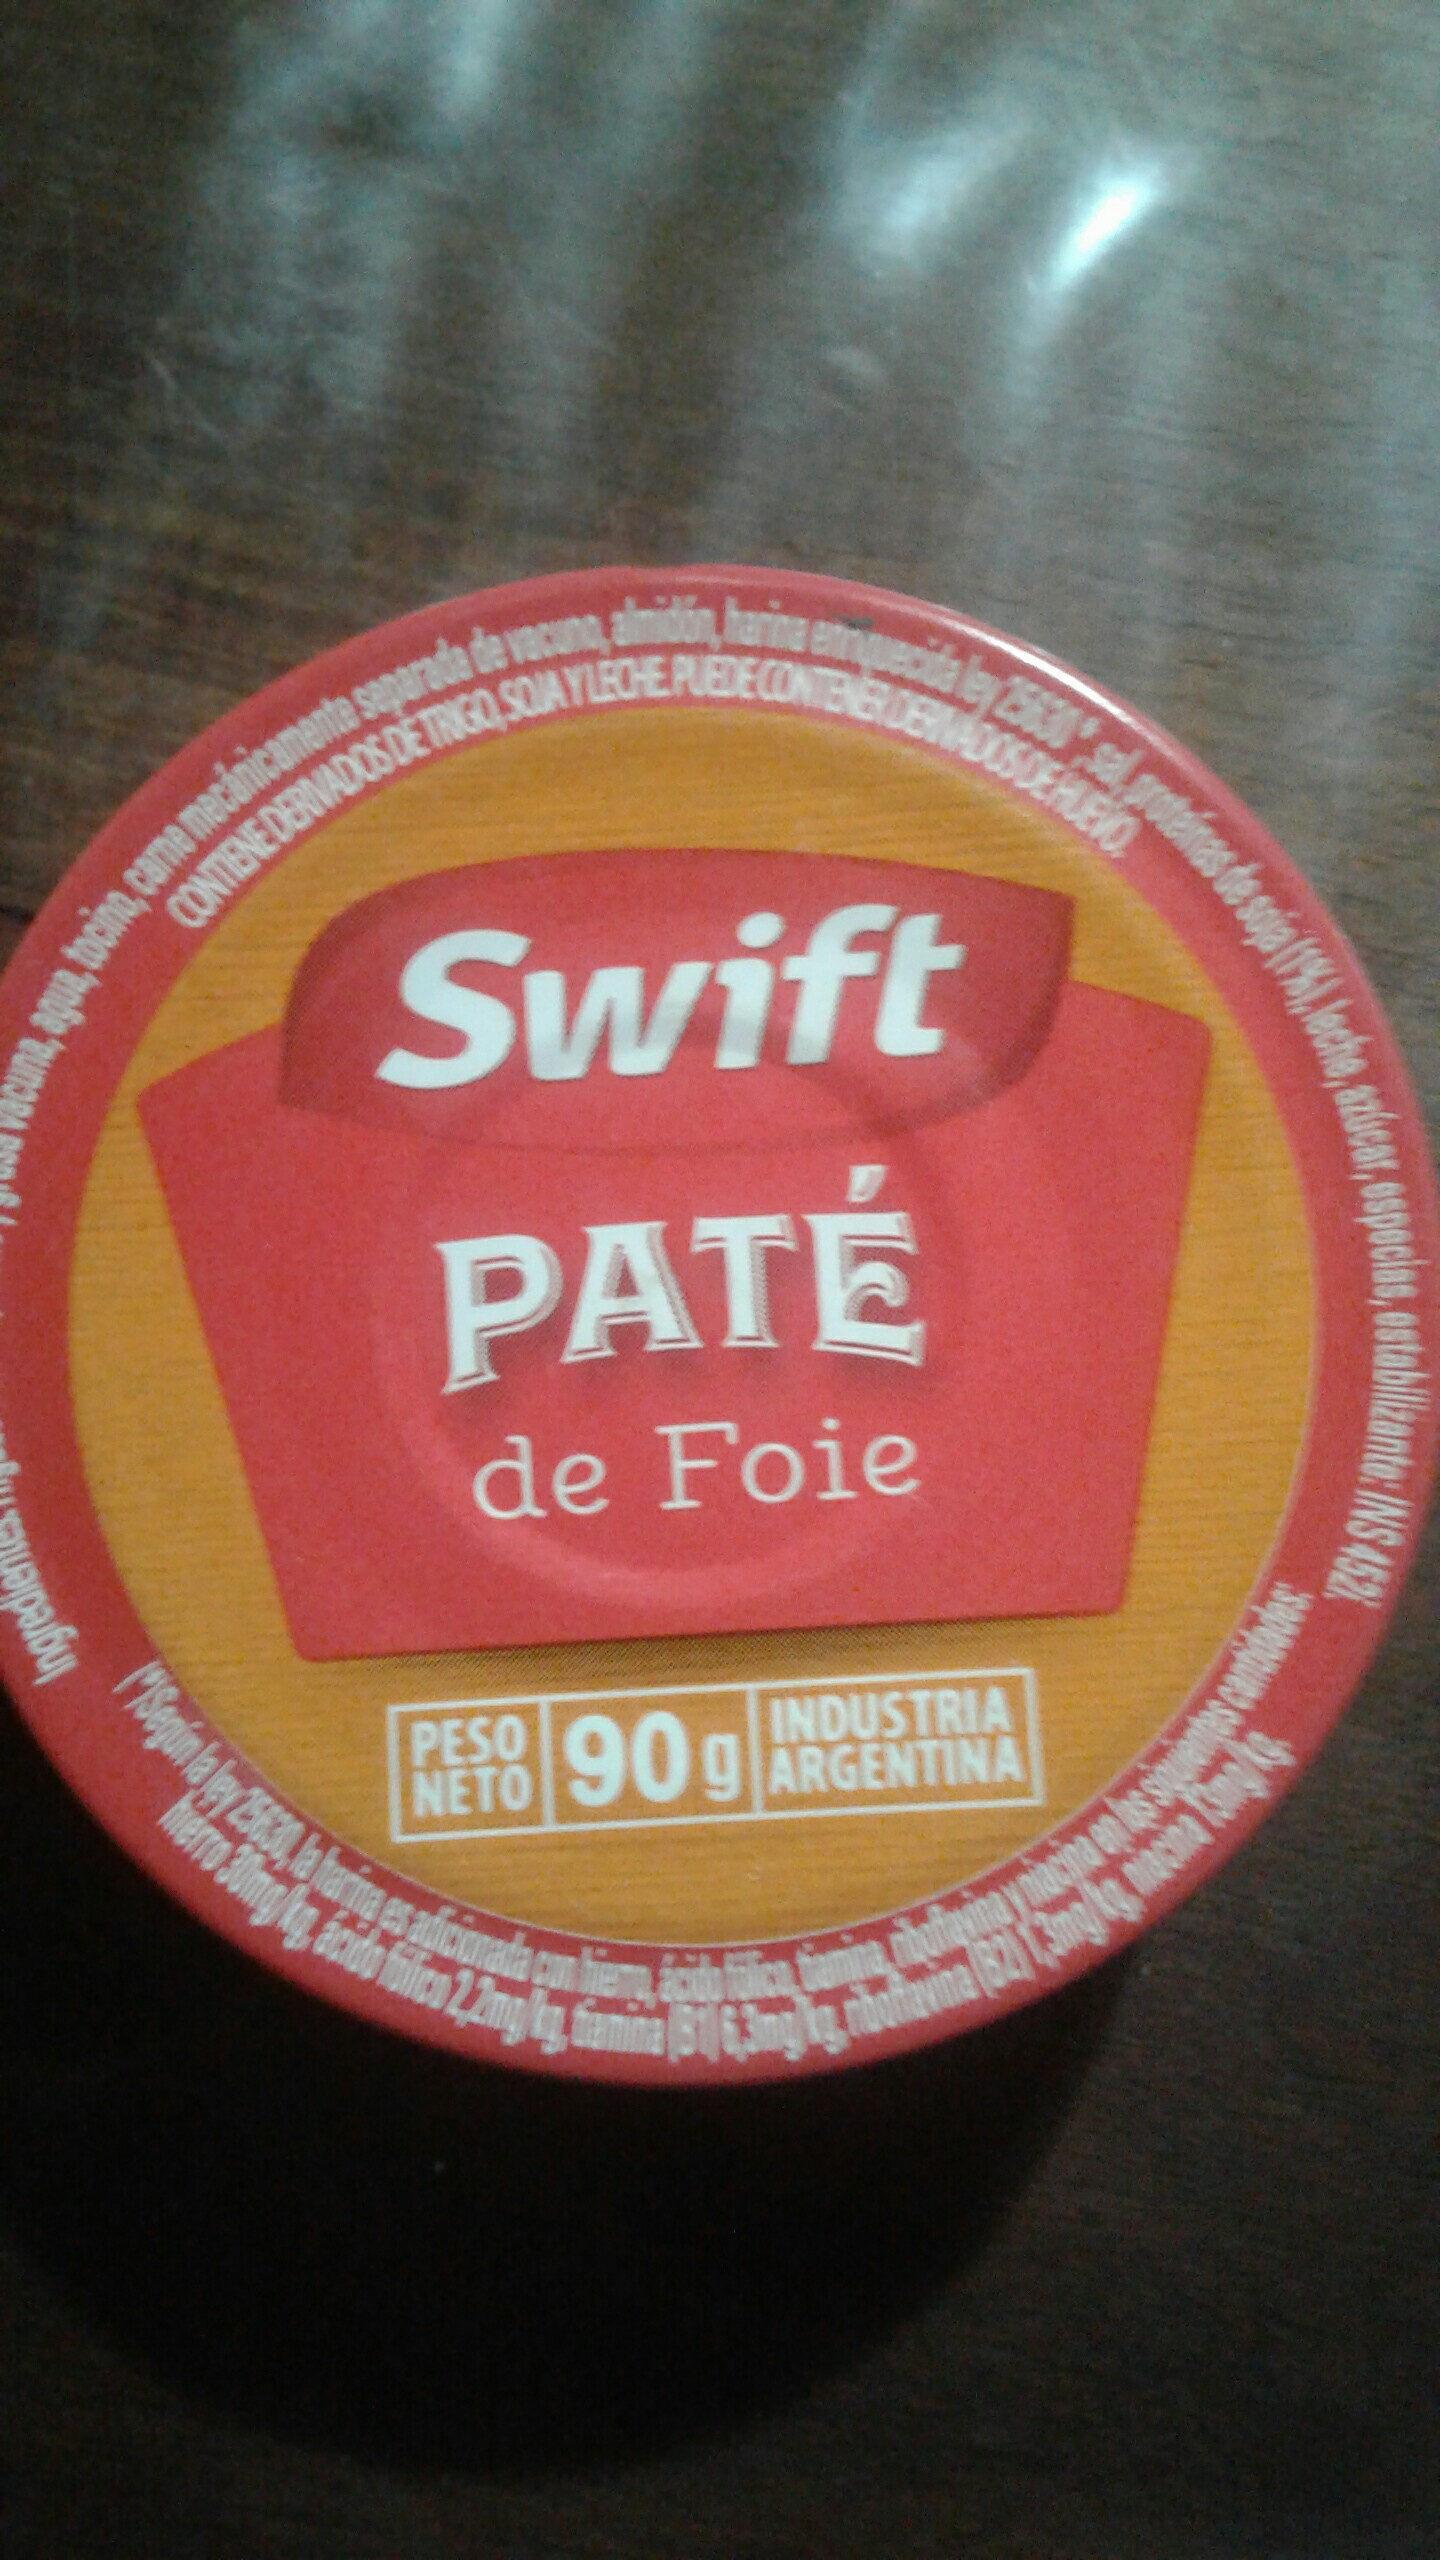 paté de foie - Product - es